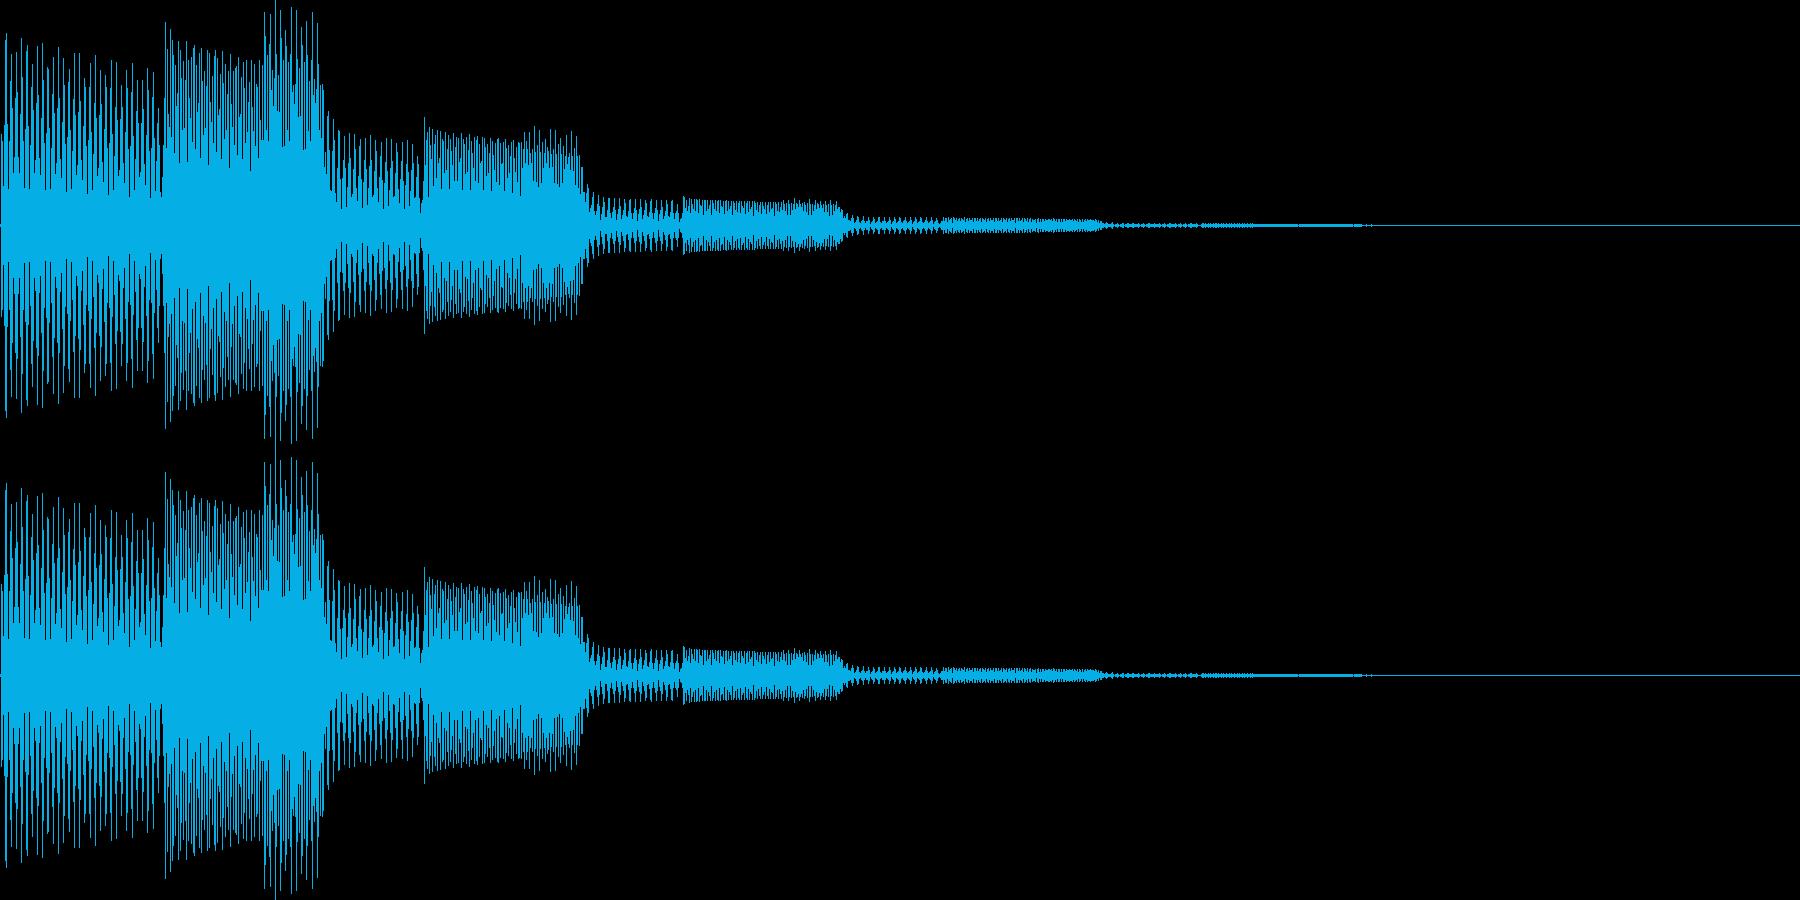 ピロン(決定、表示、カーソル移動)の再生済みの波形